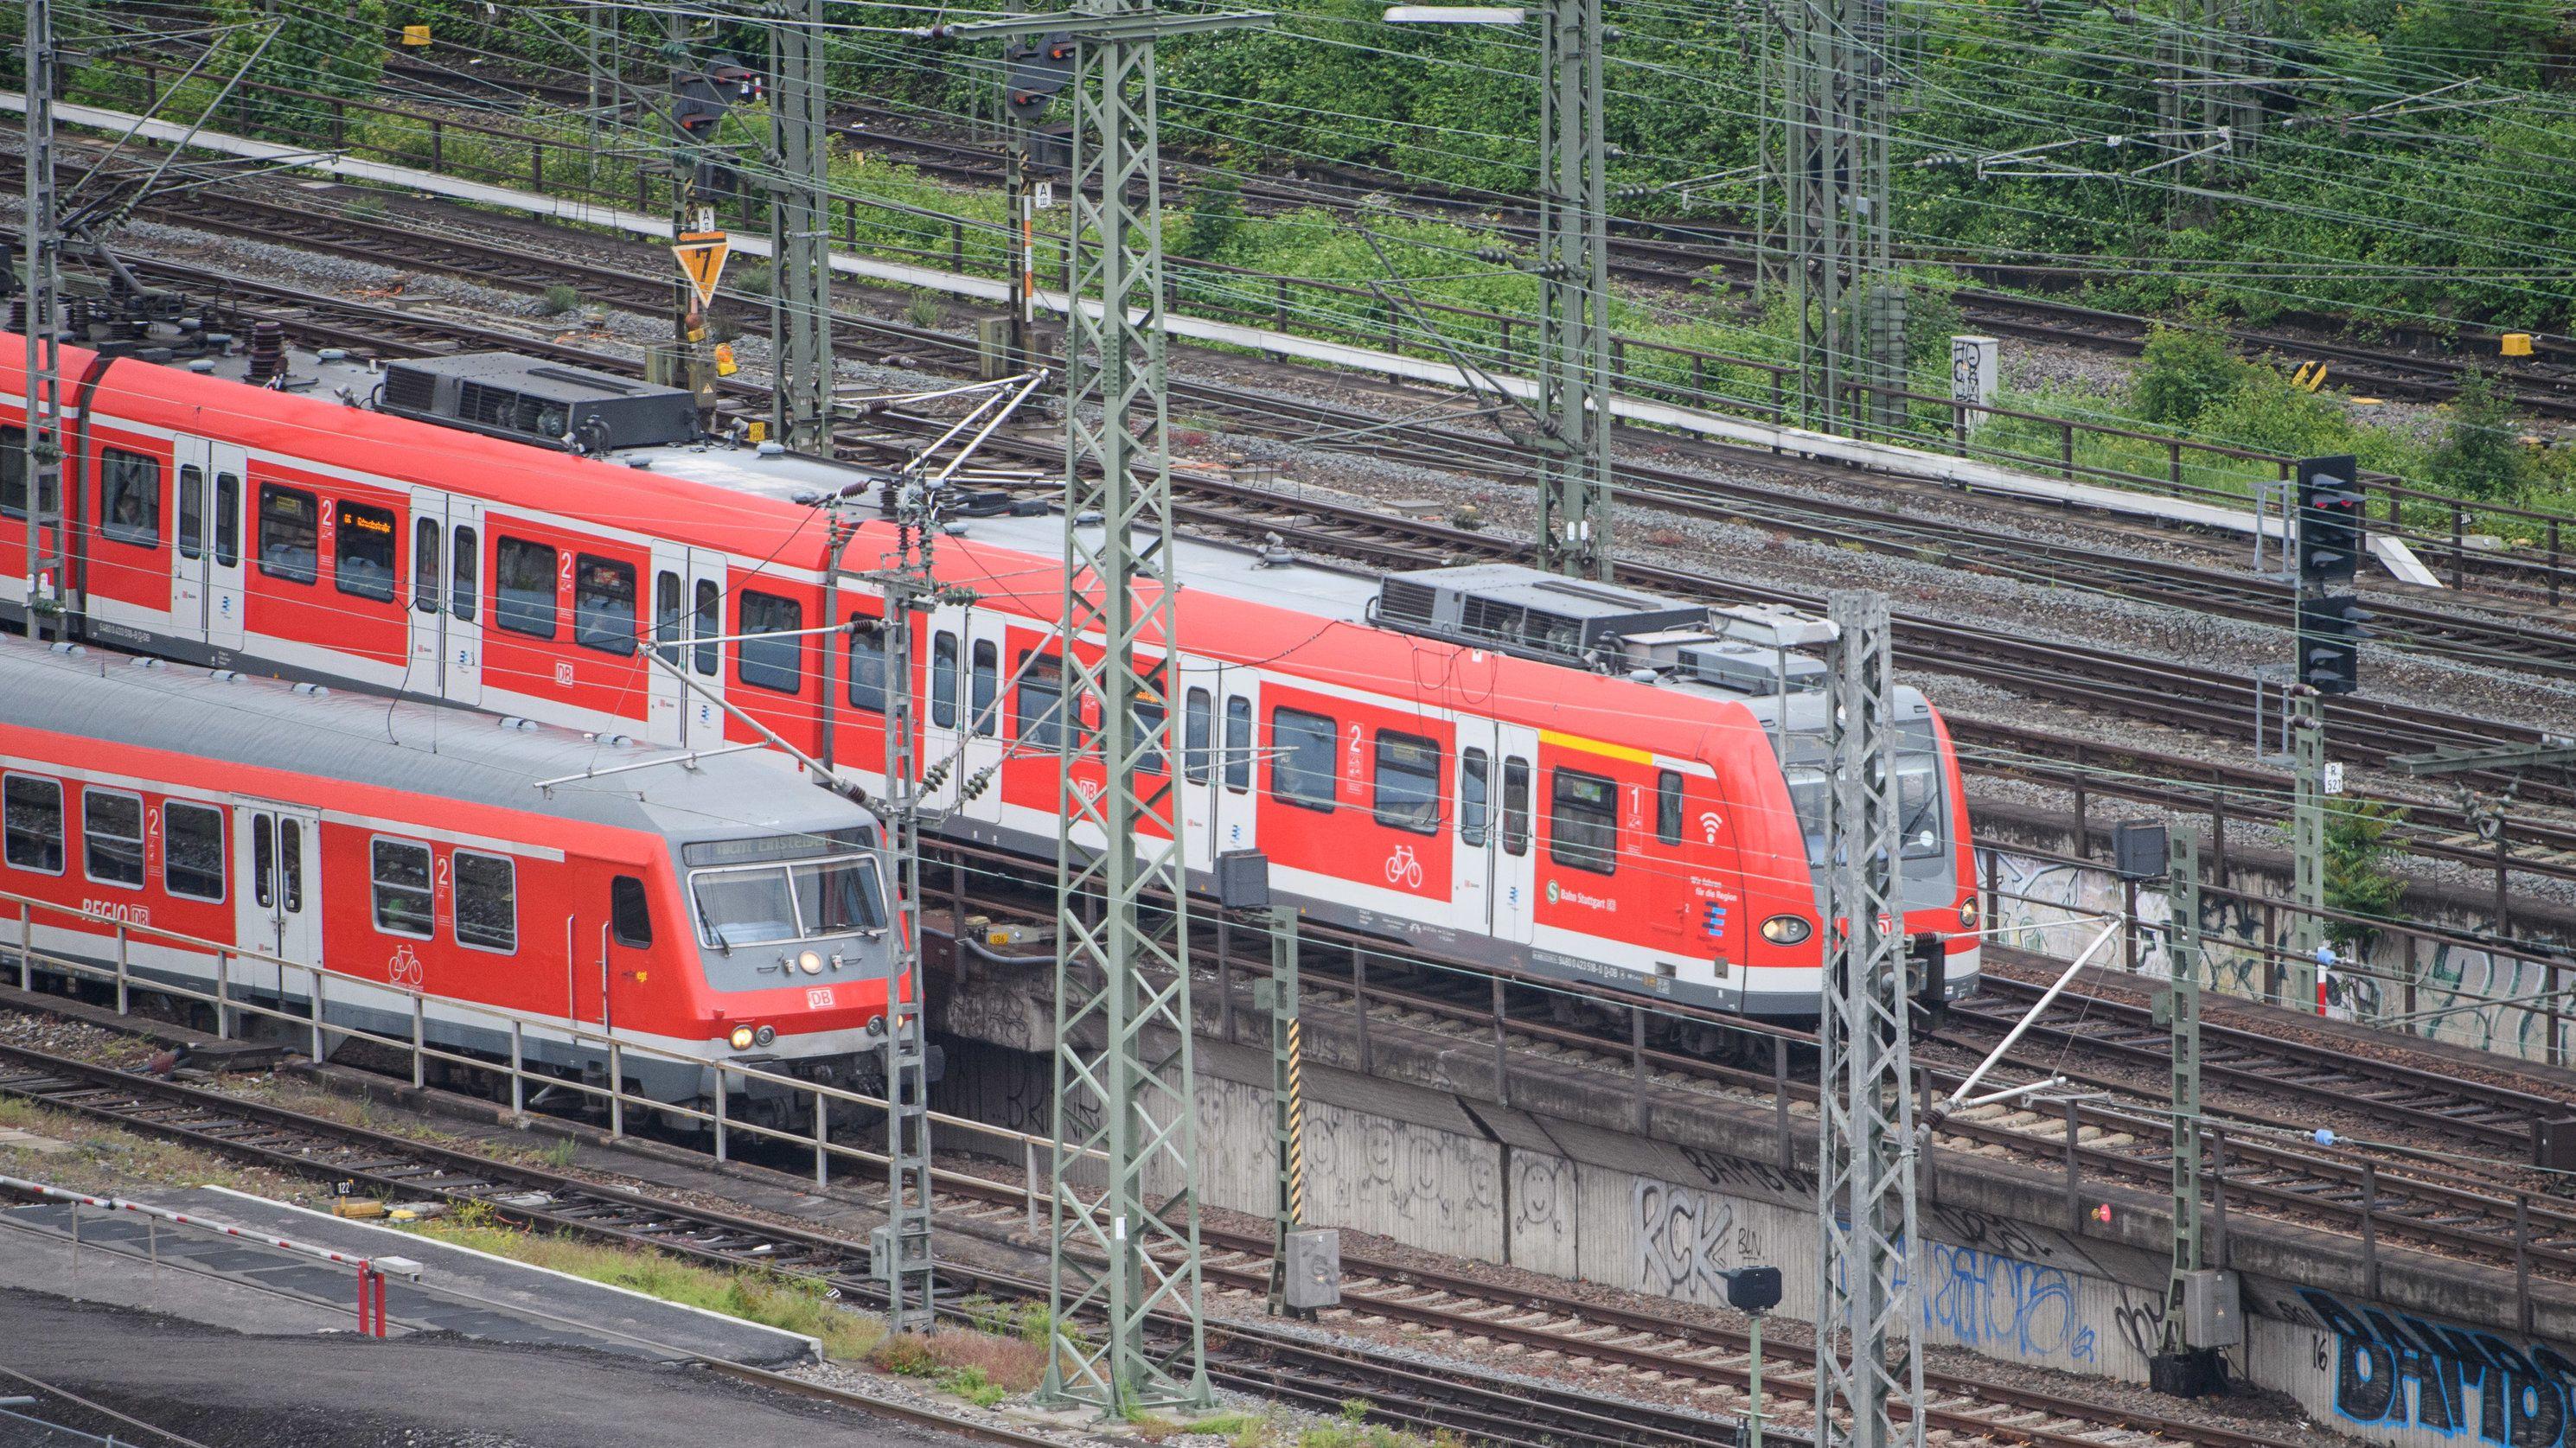 Die Elektrifizierung der Bahnstrecke Regensburg-Hof rückt näher. Der Bundesrat hat am Freitag ein Gesetz beschlossen, das dieses und andere wichtige Bauprojekte für den Zug- und Schiffsverkehr beschleunigen soll.